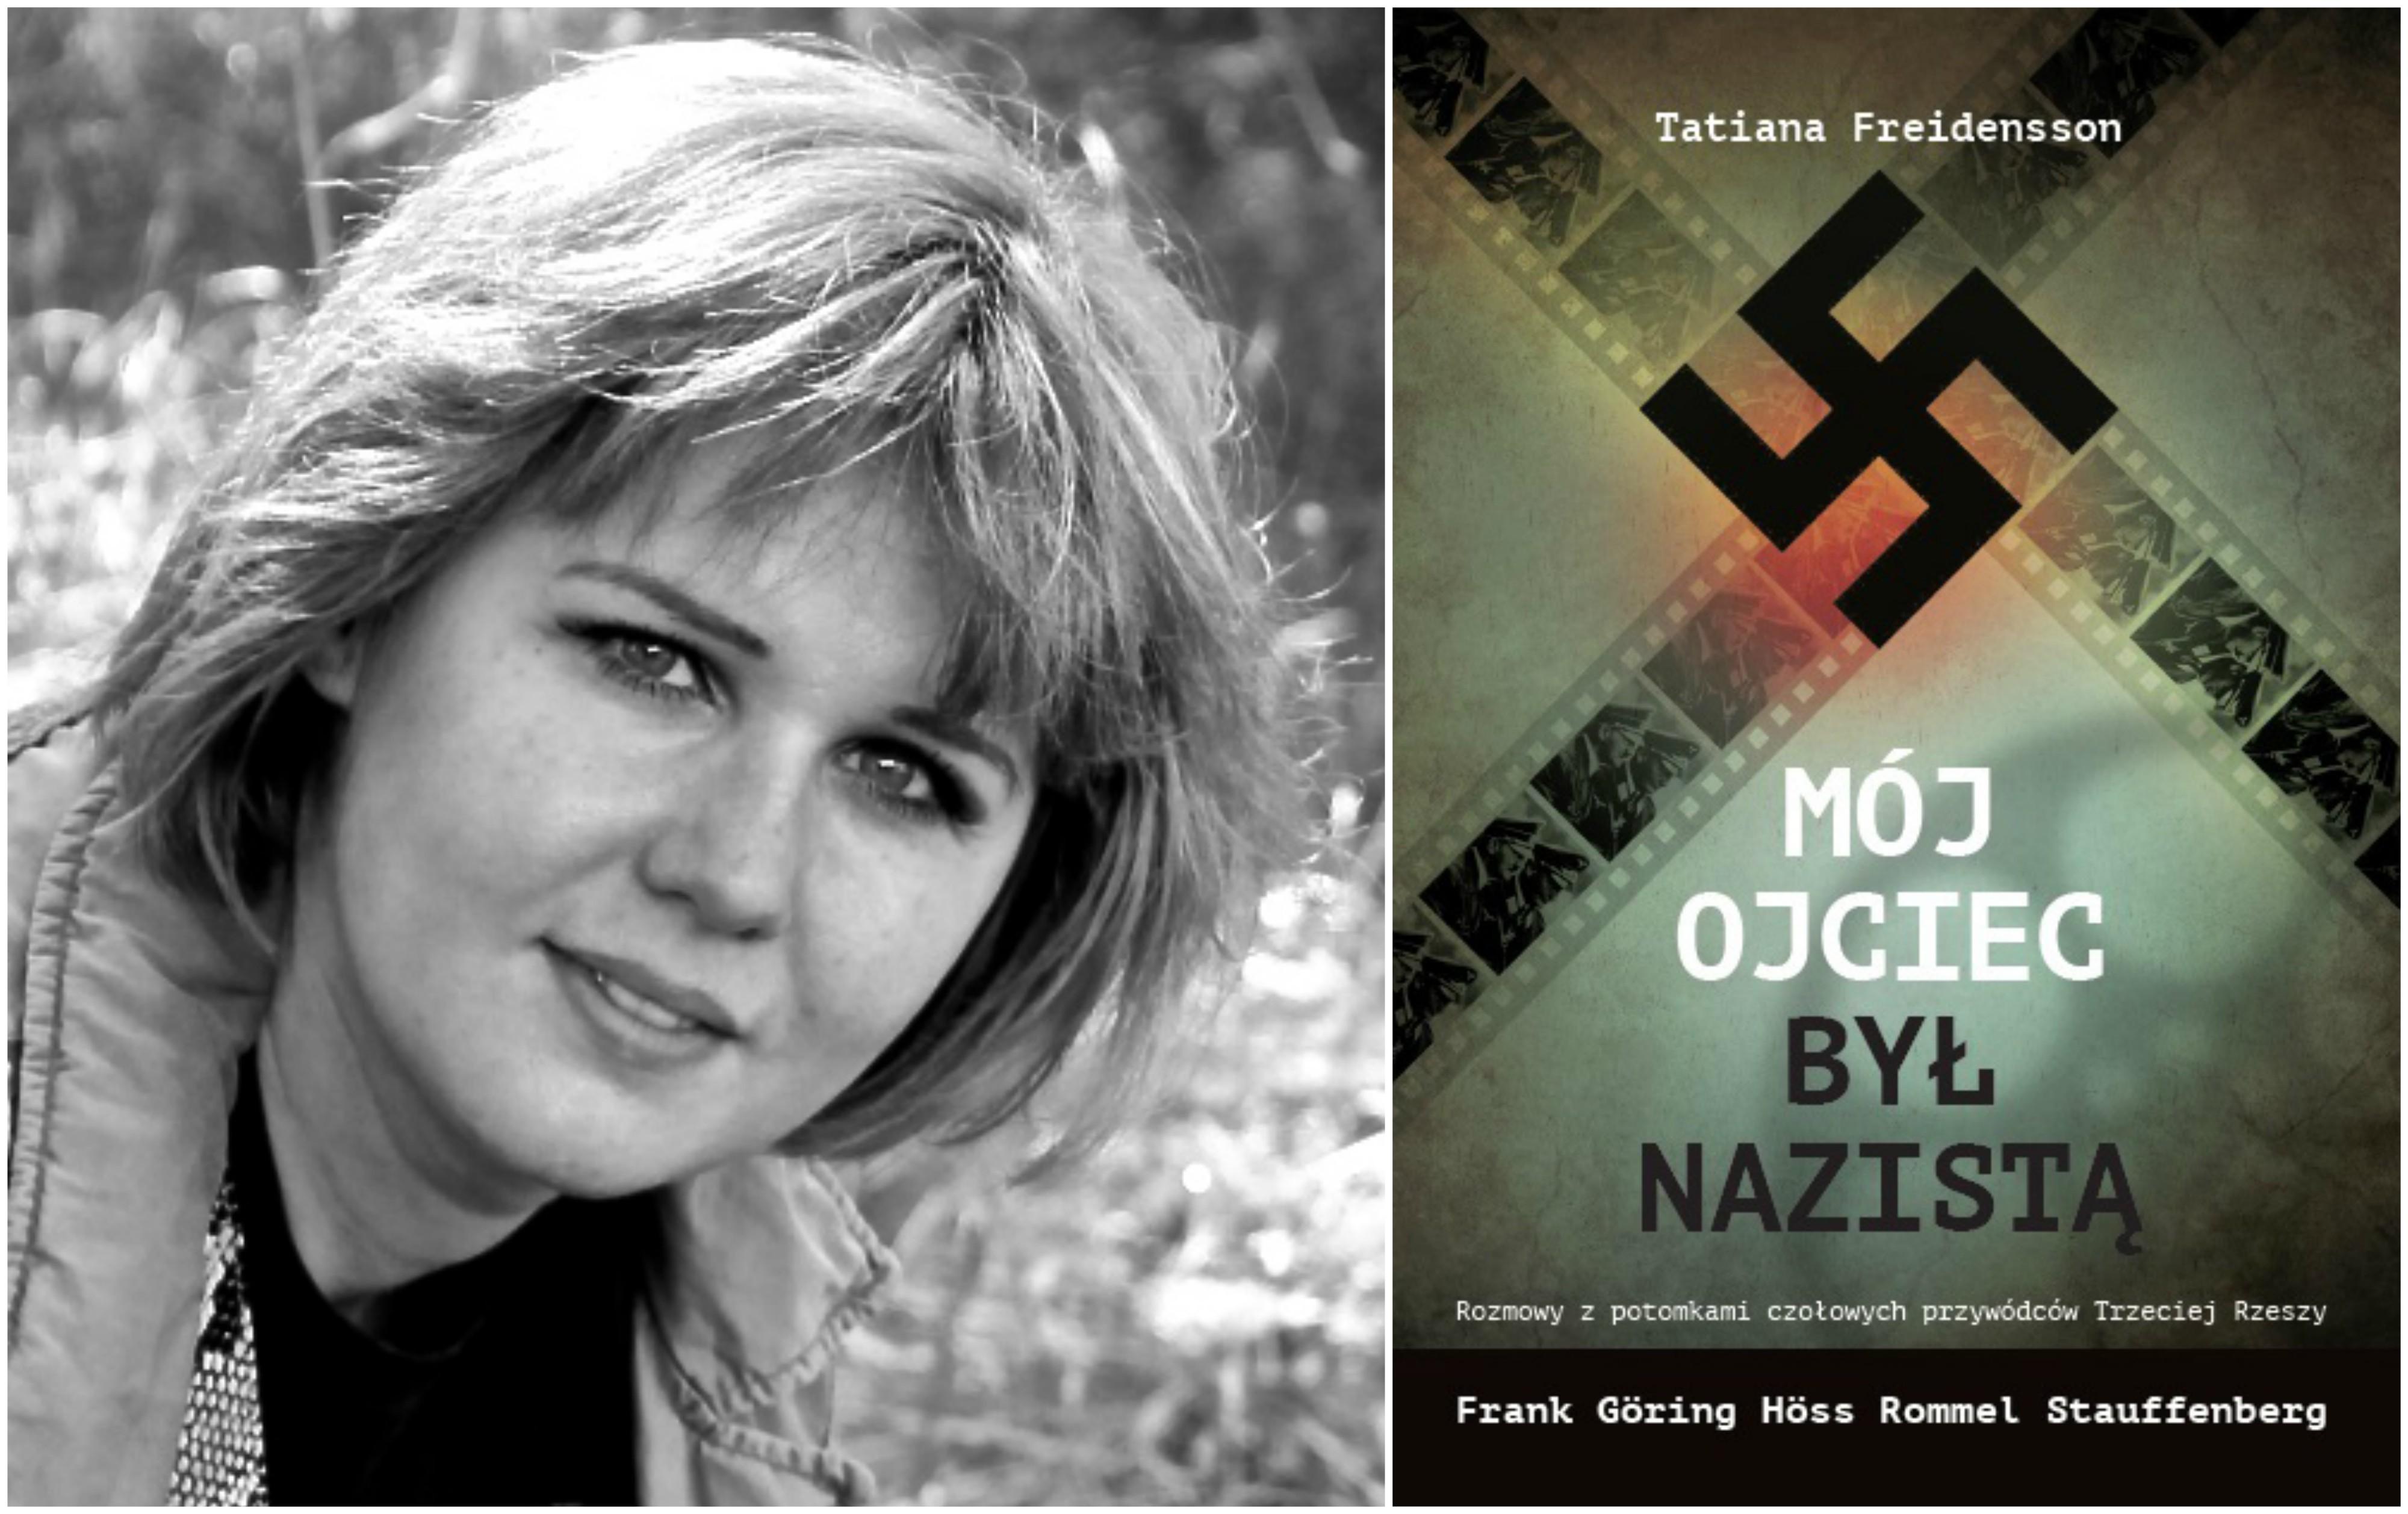 Książka Tatiany Freidensson 'Mój ojciec był nazistą' w Polsce ukazała się nakładem Wydawnictwa REA-SJ (fot. materiały prasowe)